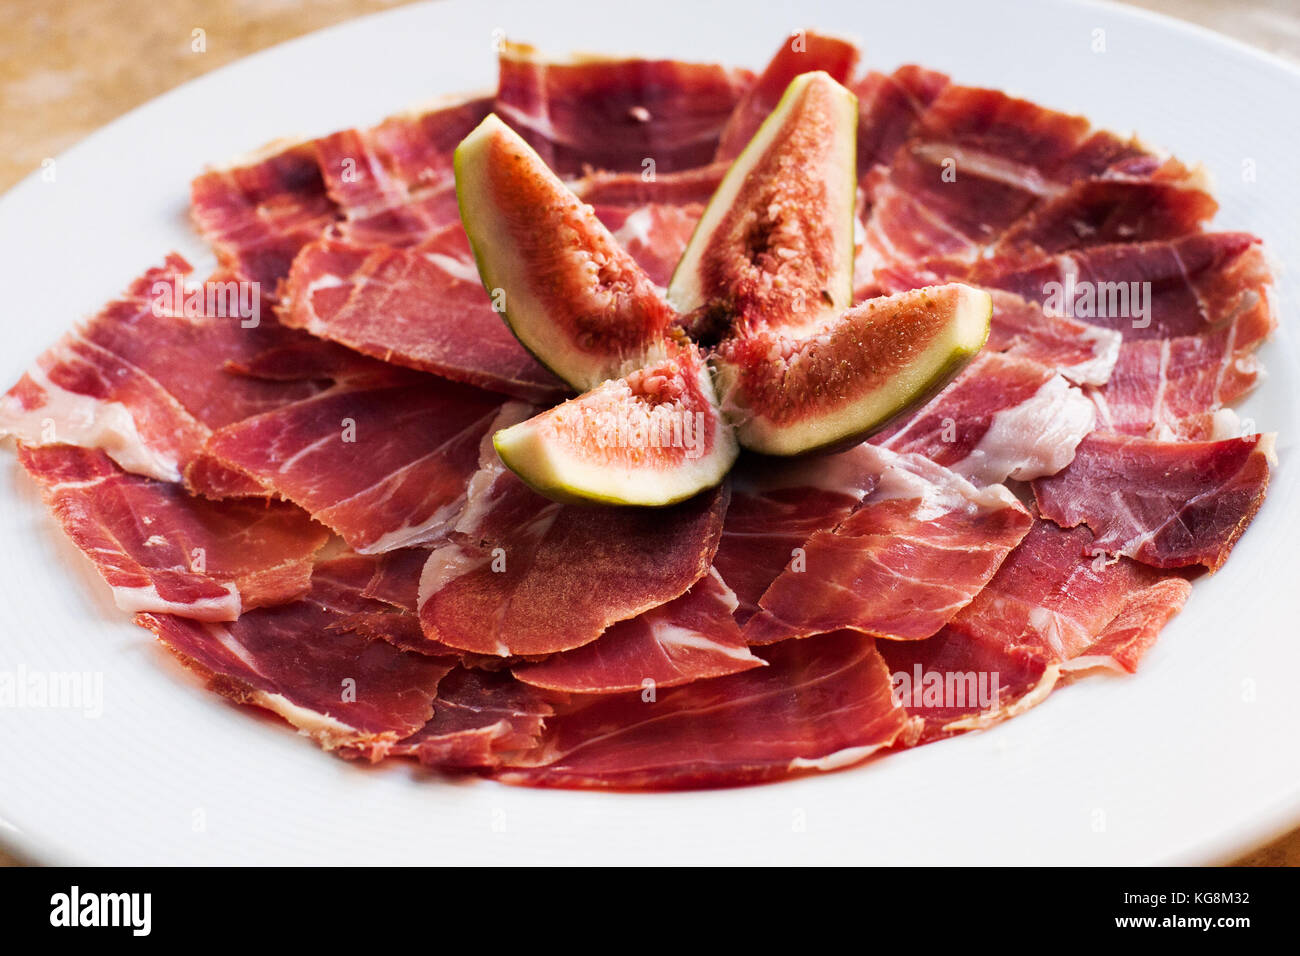 Tapas photos tapas images alamy - La cuisine espagnole expose ...